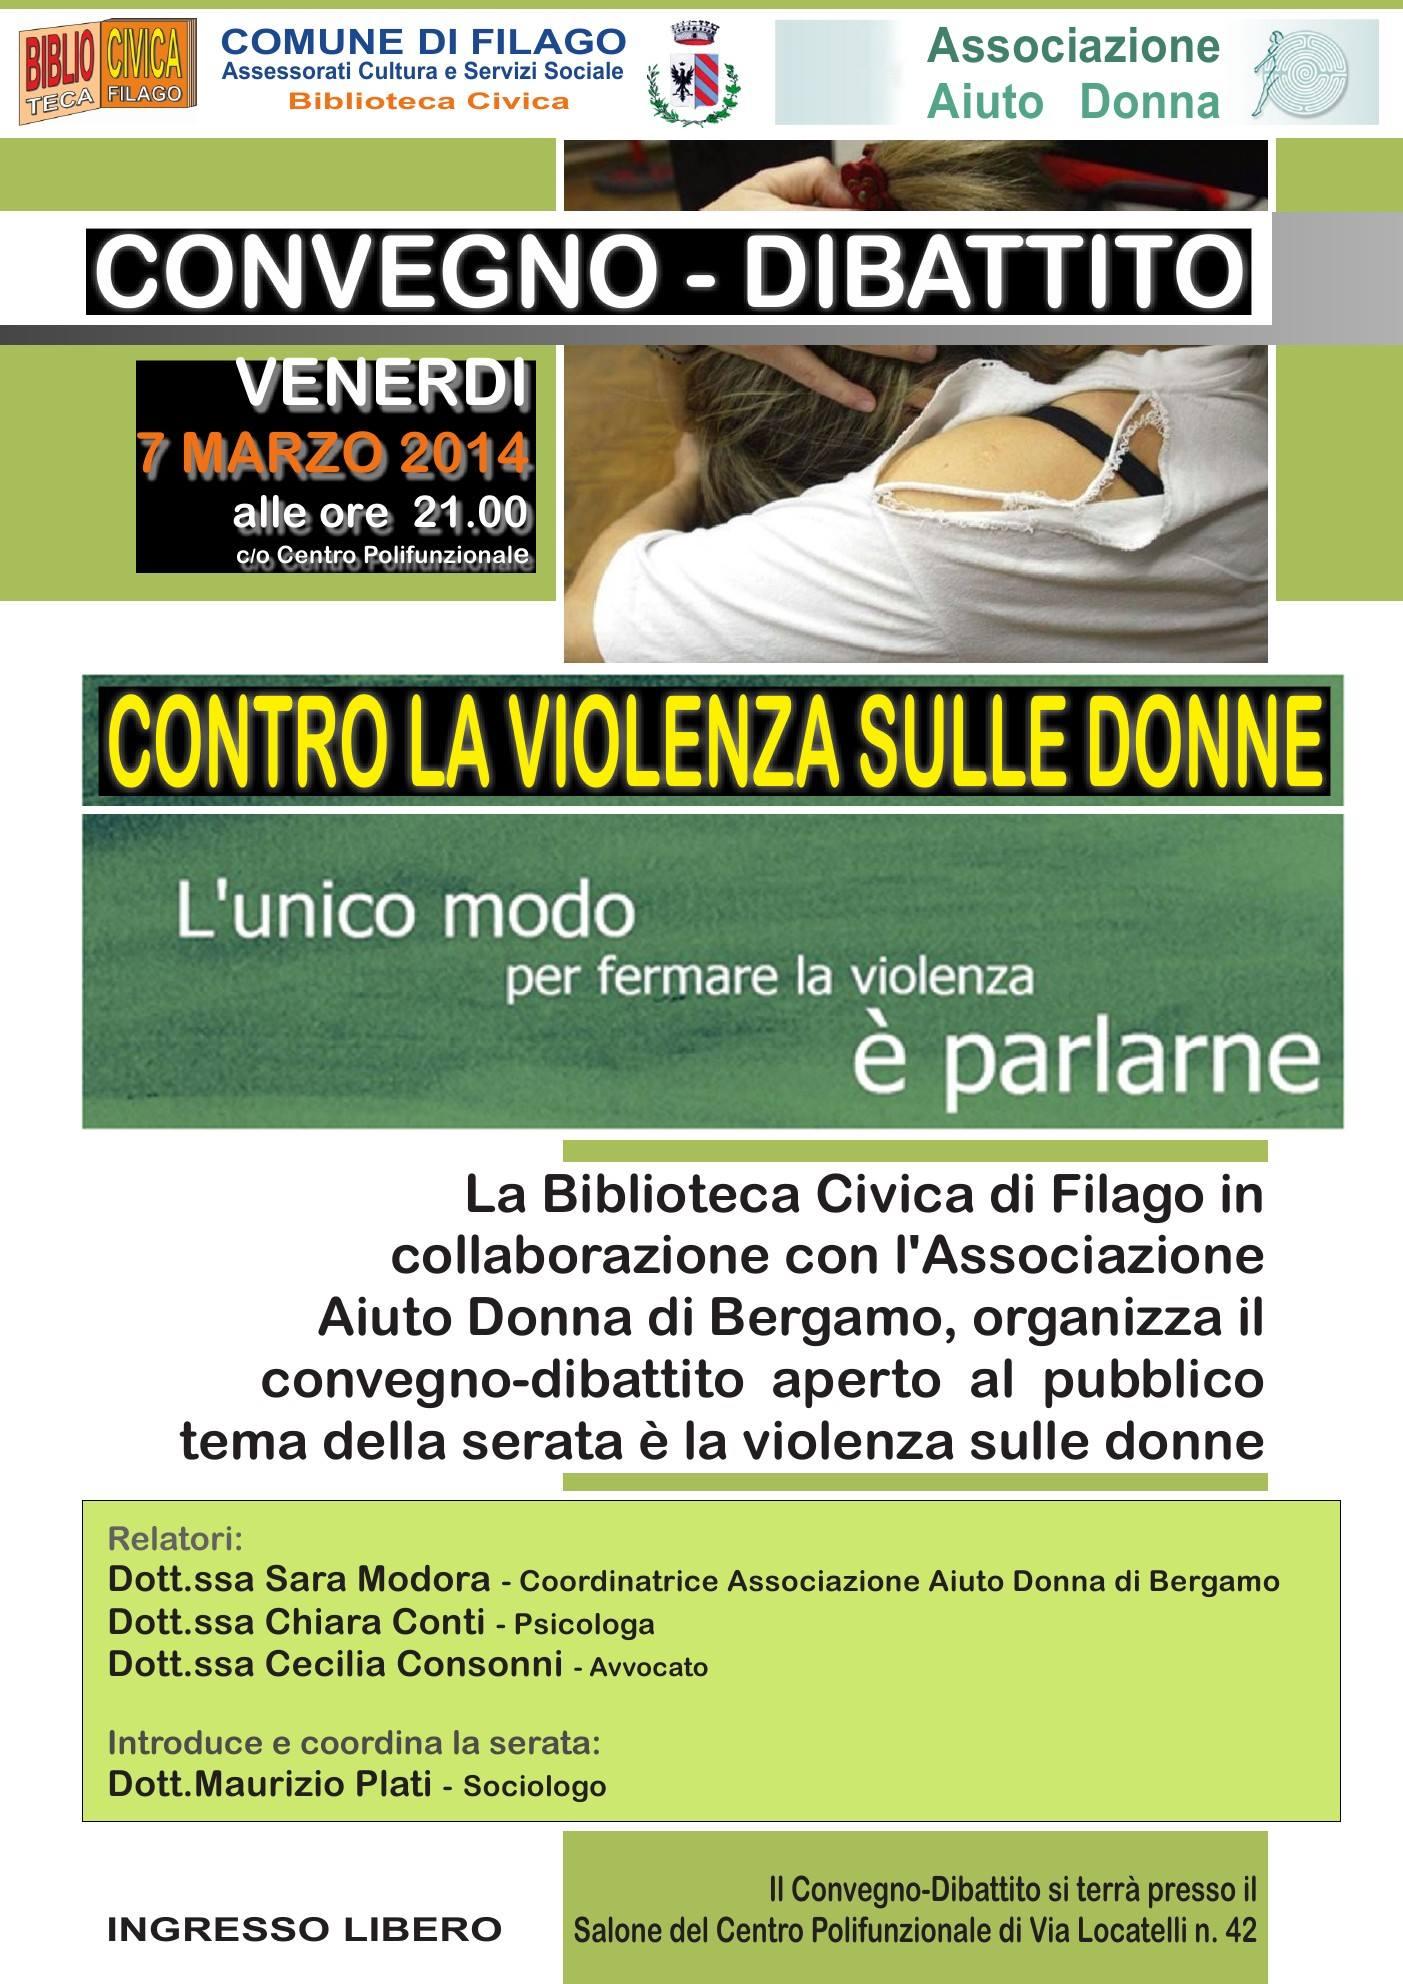 Convegno Aiuto Donna Bergamo